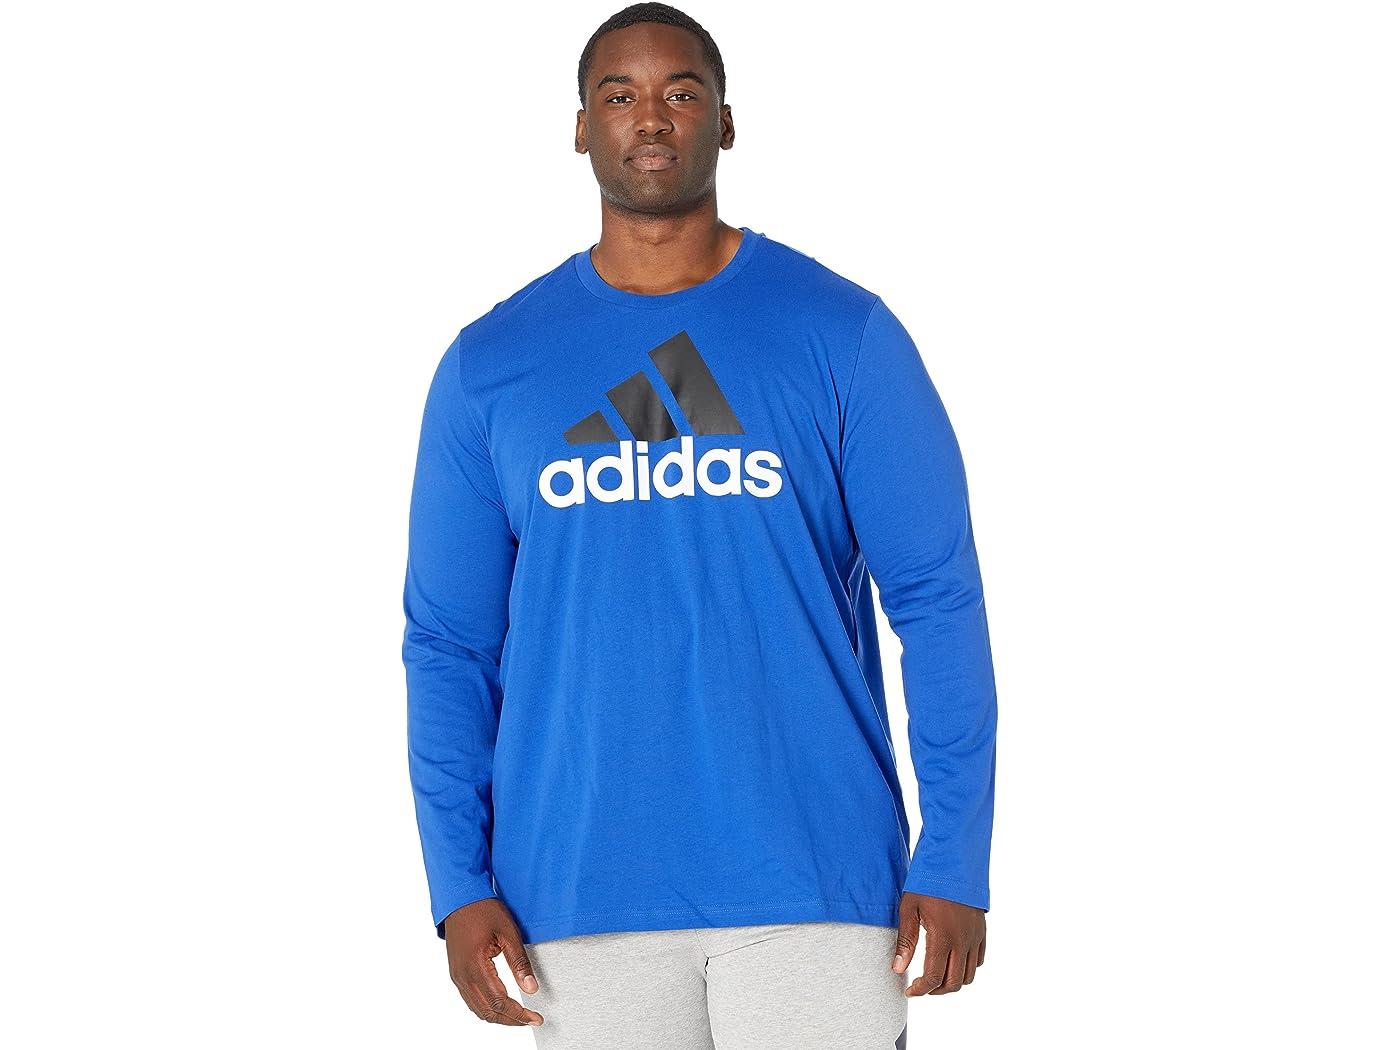 Adidas Big & Tall Big Logo Single Jersey Long Sleeve Tee